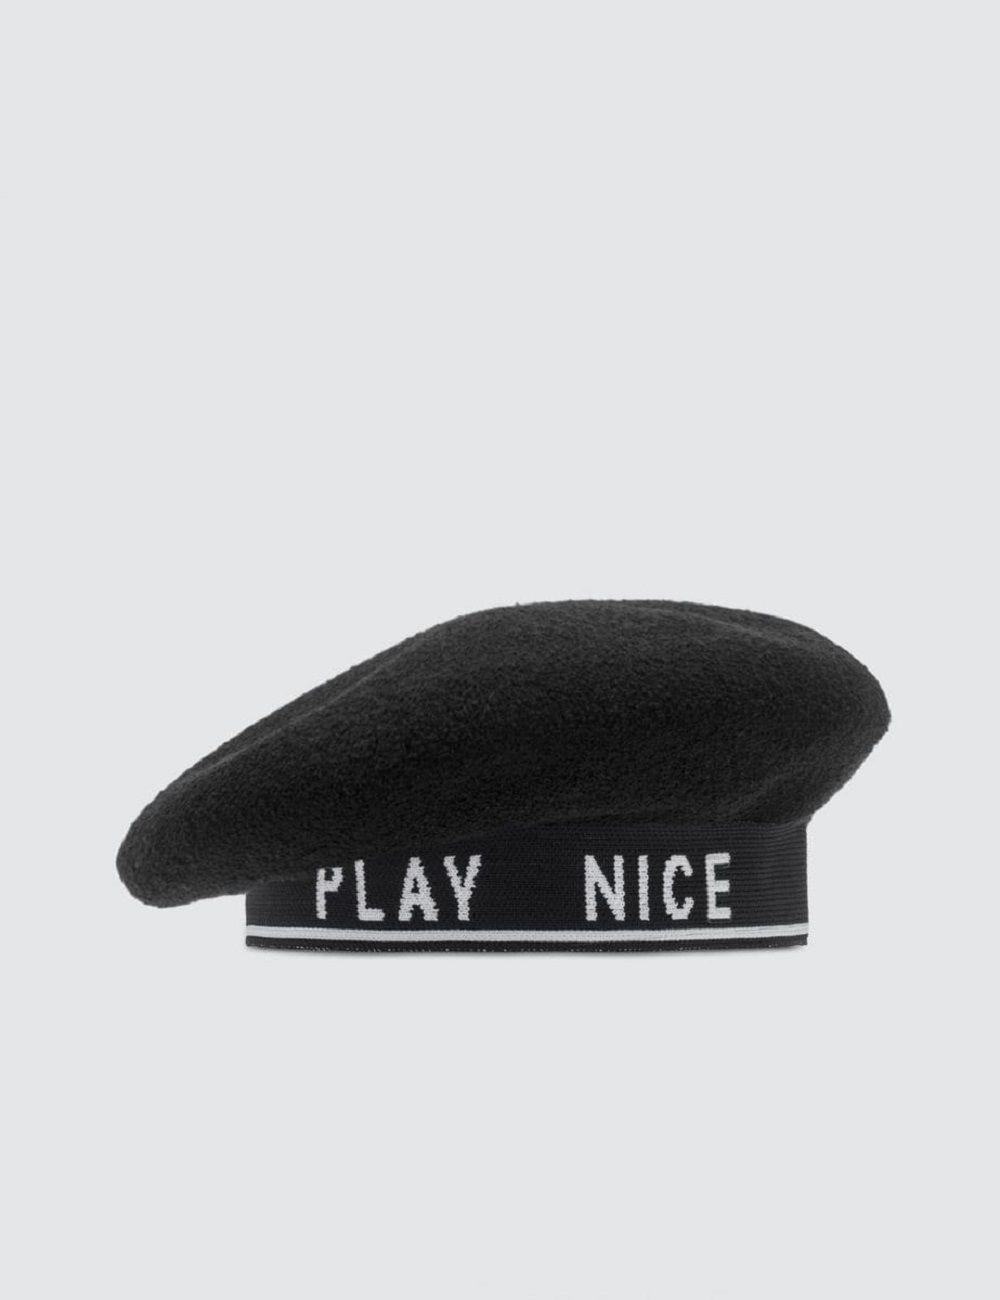 Topi Keren yang Bisa Kamu Andalkan Saat Bad Hair Day